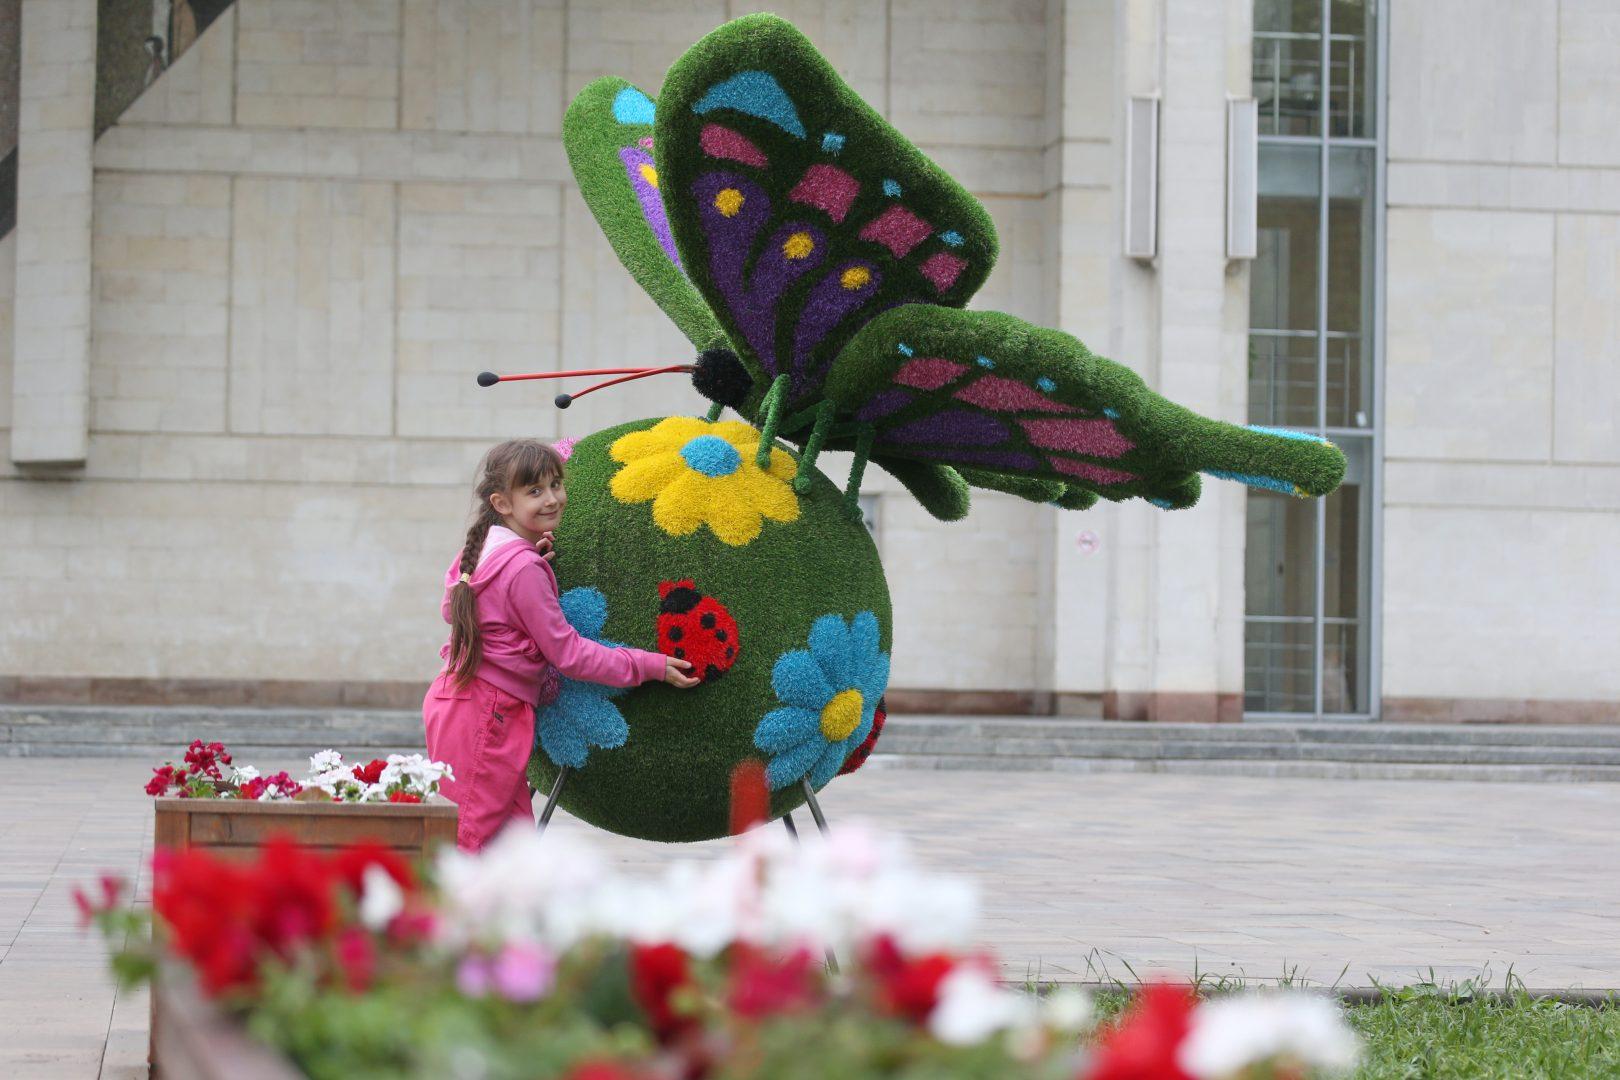 20 мая 2018 года. Московский. Наташа Кузнецова радуется яркой бабочке, что «прилетела» на центральную площадь поселения. Фото: Виктор Хабаров